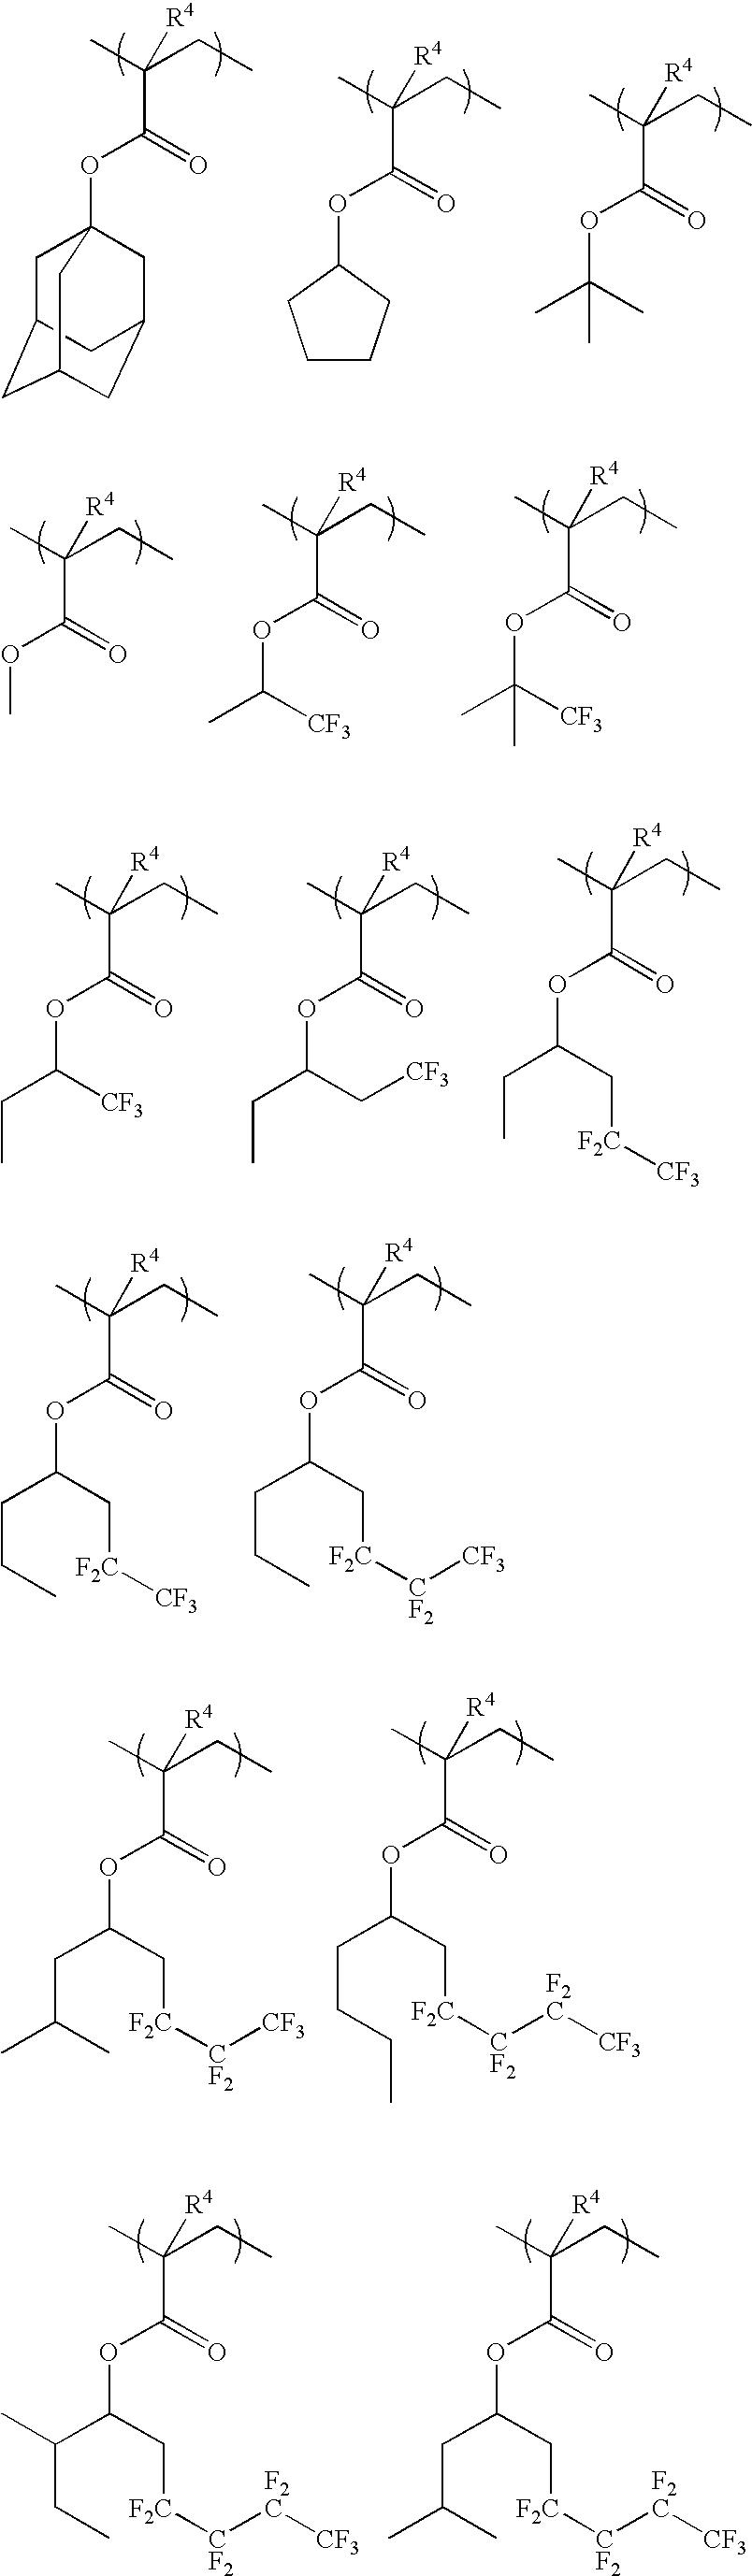 Figure US20070231738A1-20071004-C00015